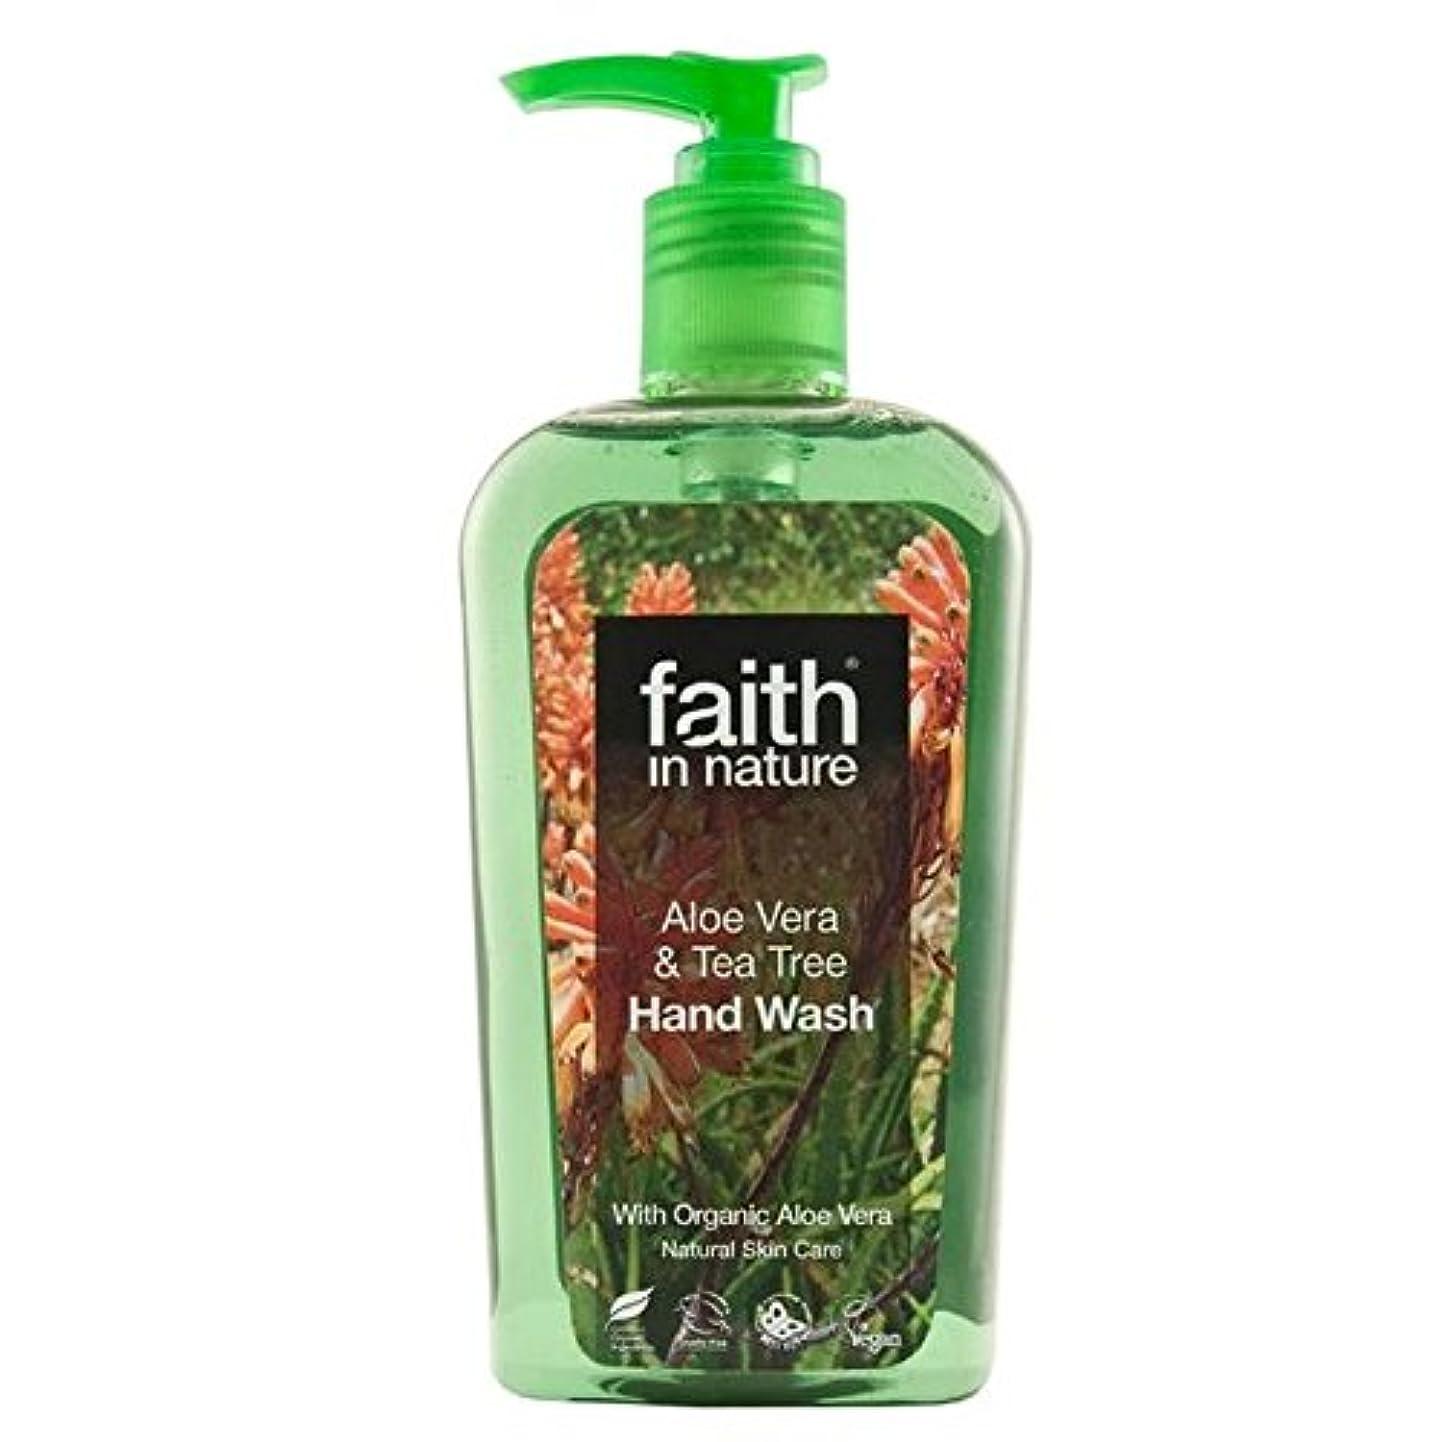 首相壮大ぬるいFaith in Nature Aloe Vera & Tea Tree Handwash 300ml (Pack of 4) - (Faith In Nature) 自然のアロエベラ&ティーツリー手洗いの300ミリリットル...